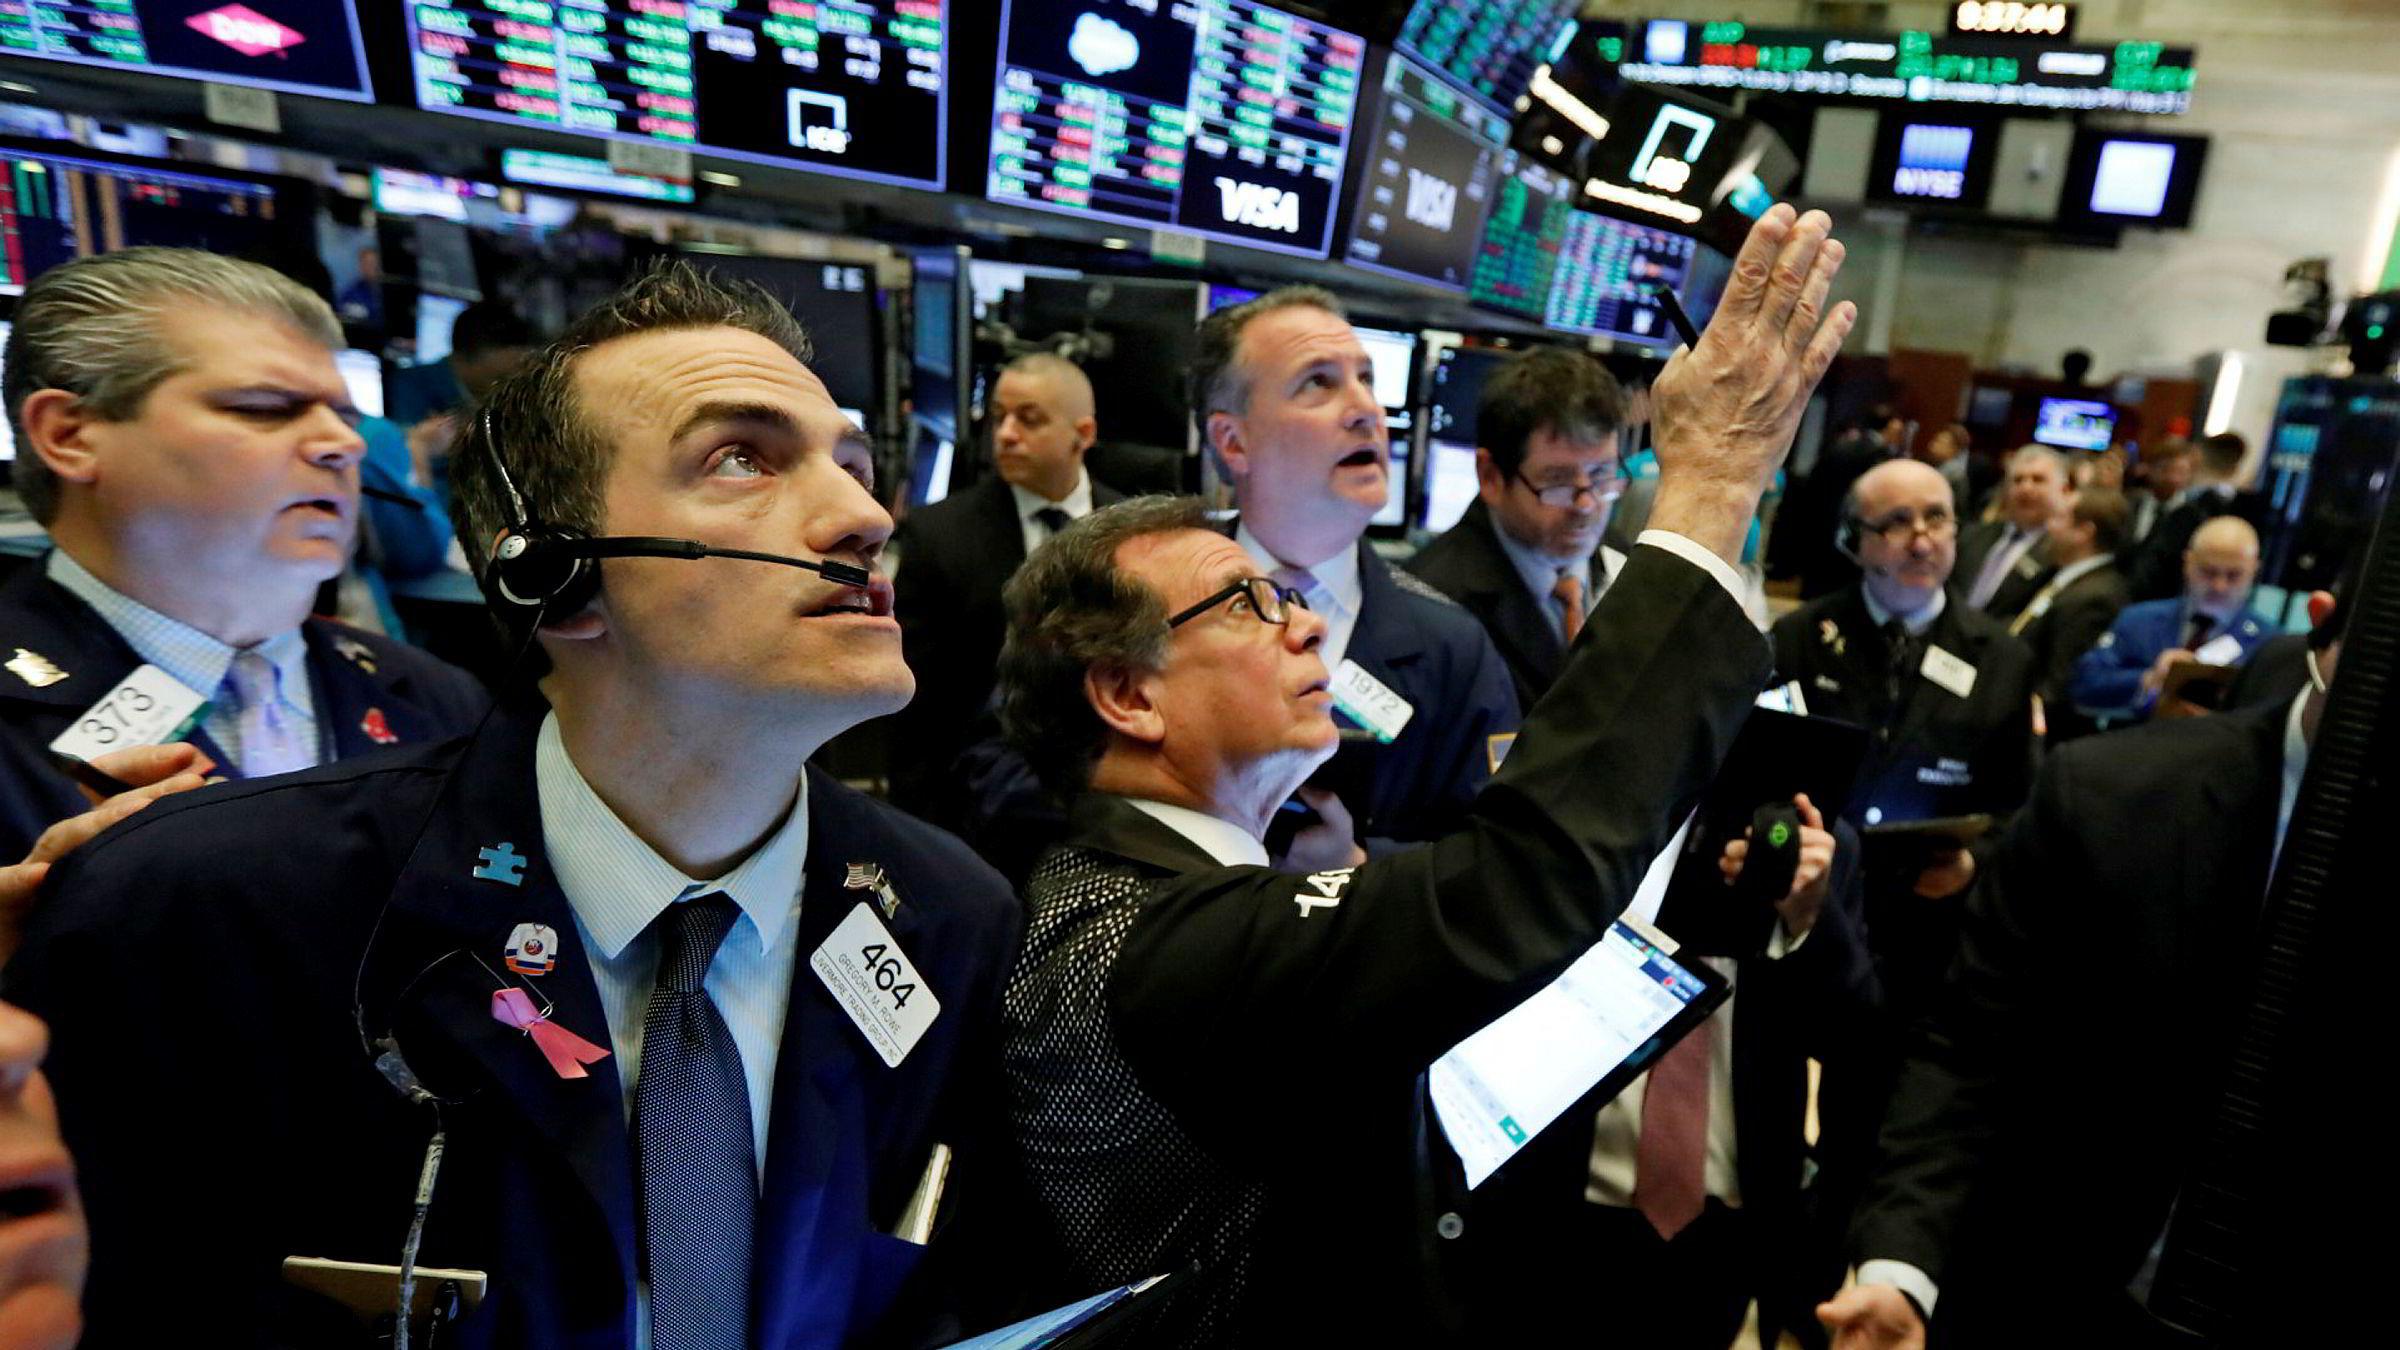 Det store spørsmålet er hvor mye skade virusepidemien vil kunne gjøre i verdensøkonomien. Her følger børsmeglere utviklingen på New York Stock Exchange.